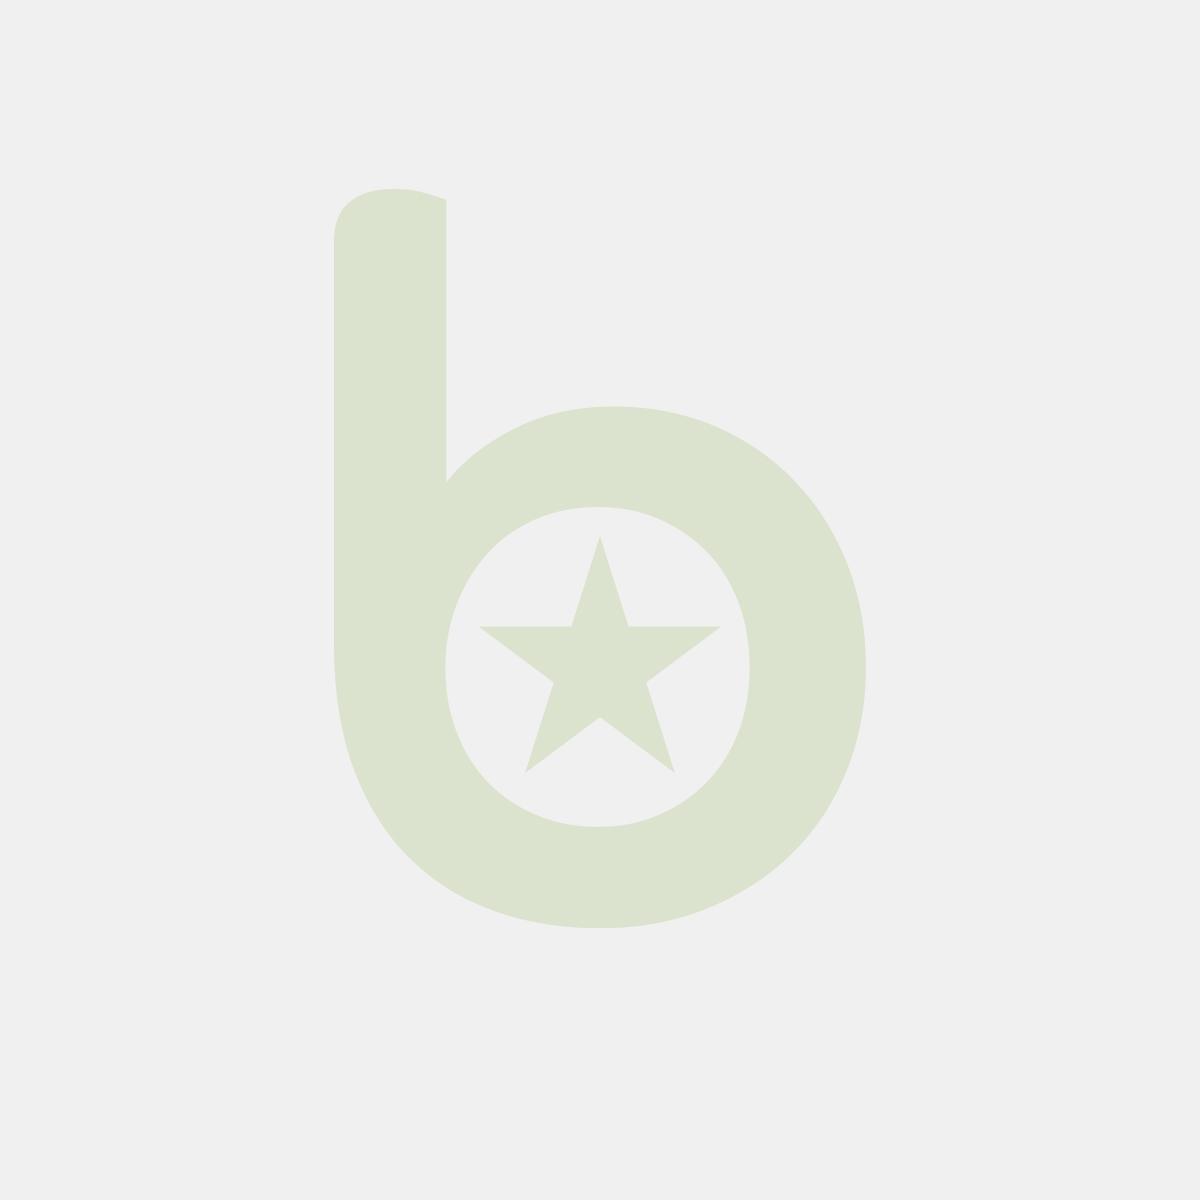 FINGERFOOD - miseczka PS 6,4x6,4x3cm NUVOLETTA 60ml transparentna op. 50 sztuk